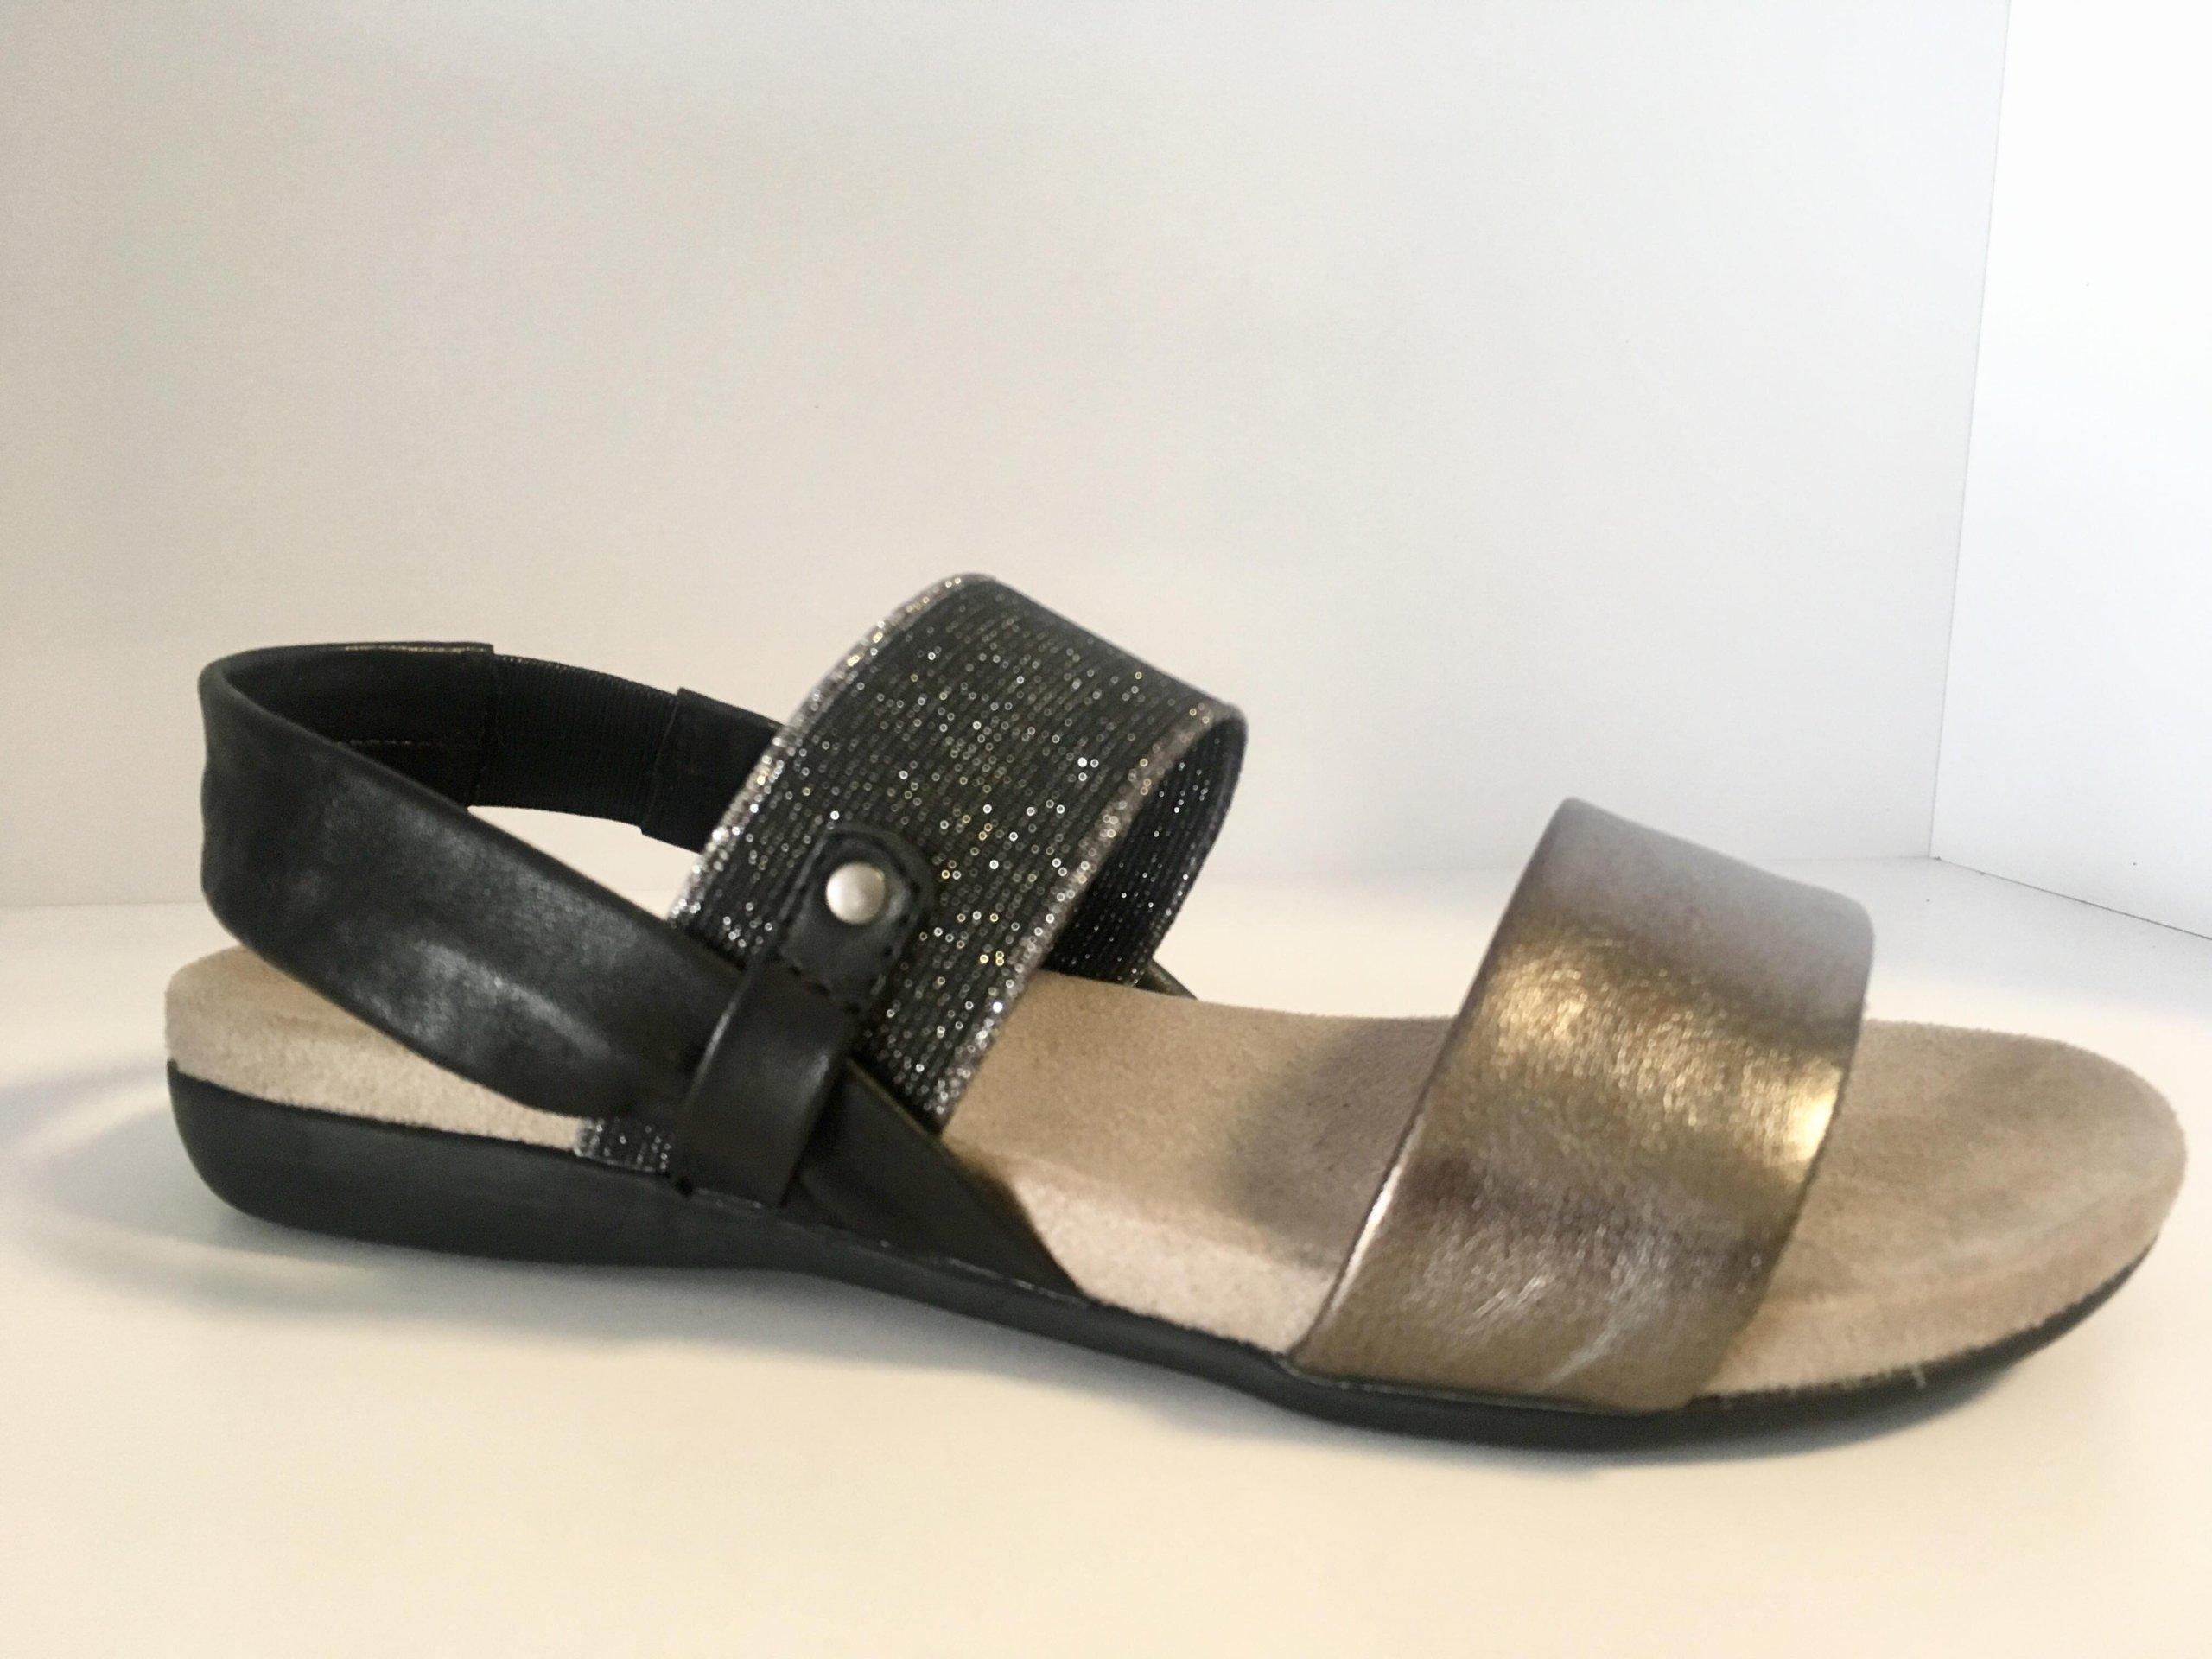 Obuwie Jana 8 28401 22 001 sandały damskie, ultralekkie